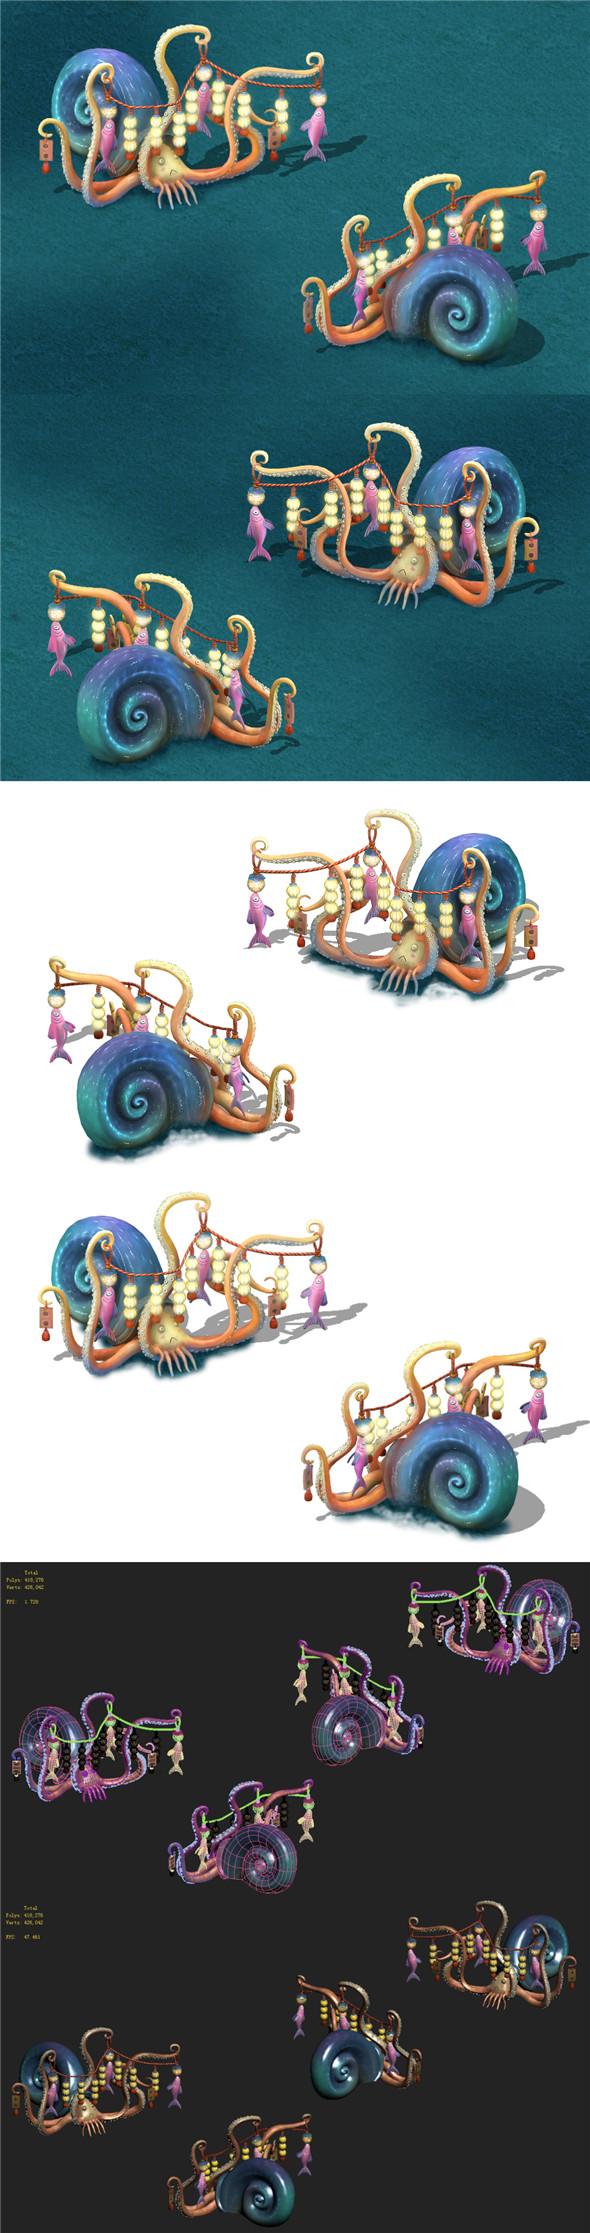 Submarine cartoon world - octopus skewers - 3DOcean Item for Sale